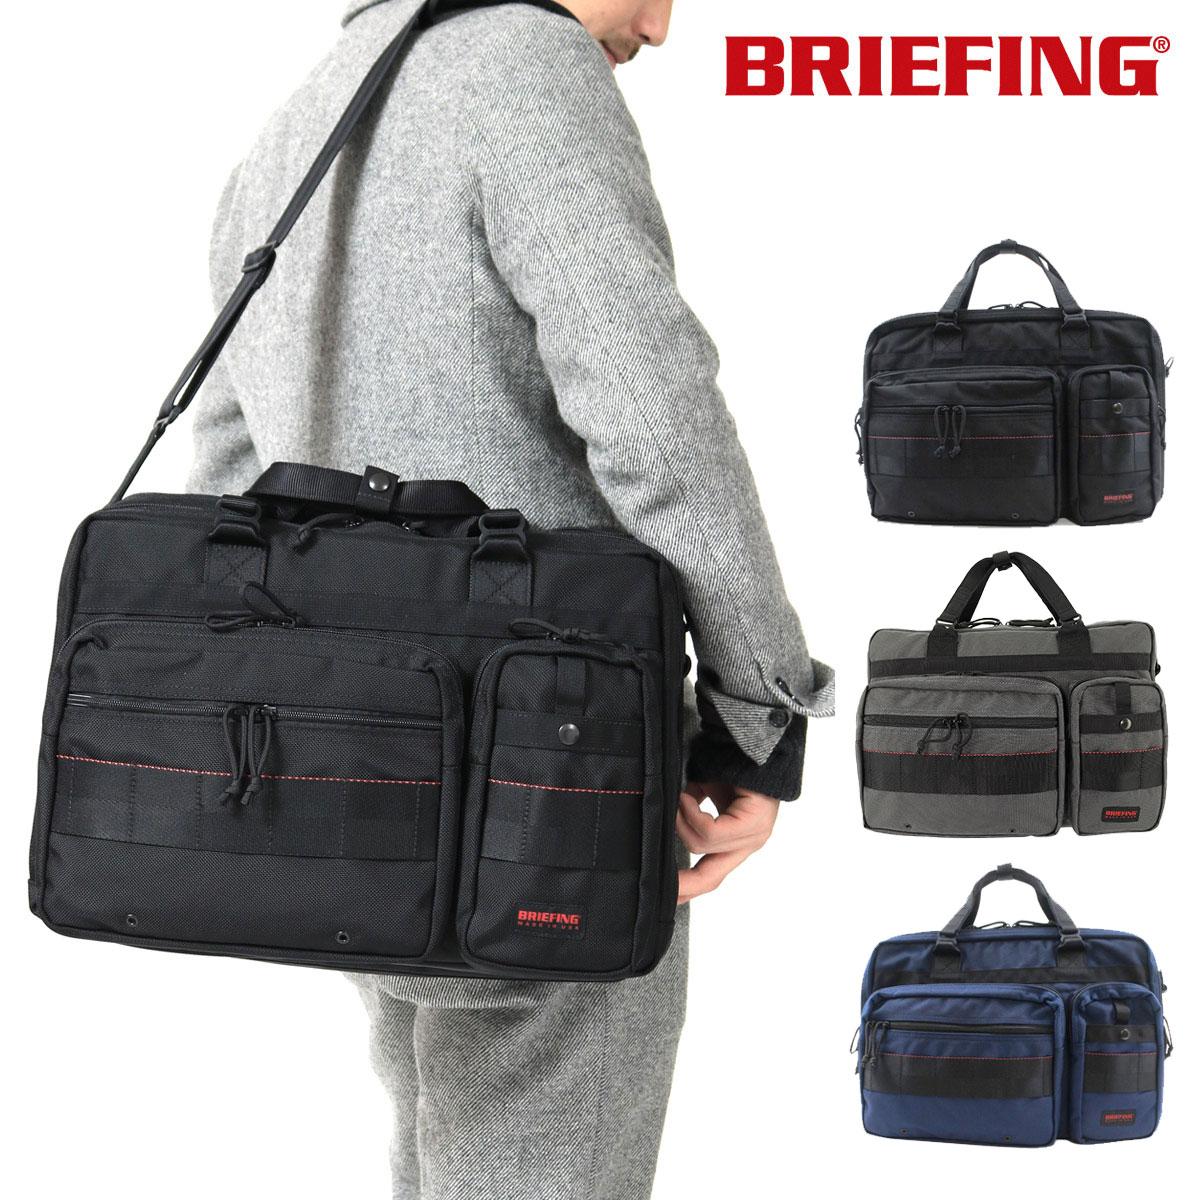 ブリーフィング ブリーフケース USA BRF117219 BRIEFING B4 OVER TRIP 2WAY ショルダー ビジネスバッグ 2層 ビジネス バリスティックナイロン メンズ【bef】[即日発送]